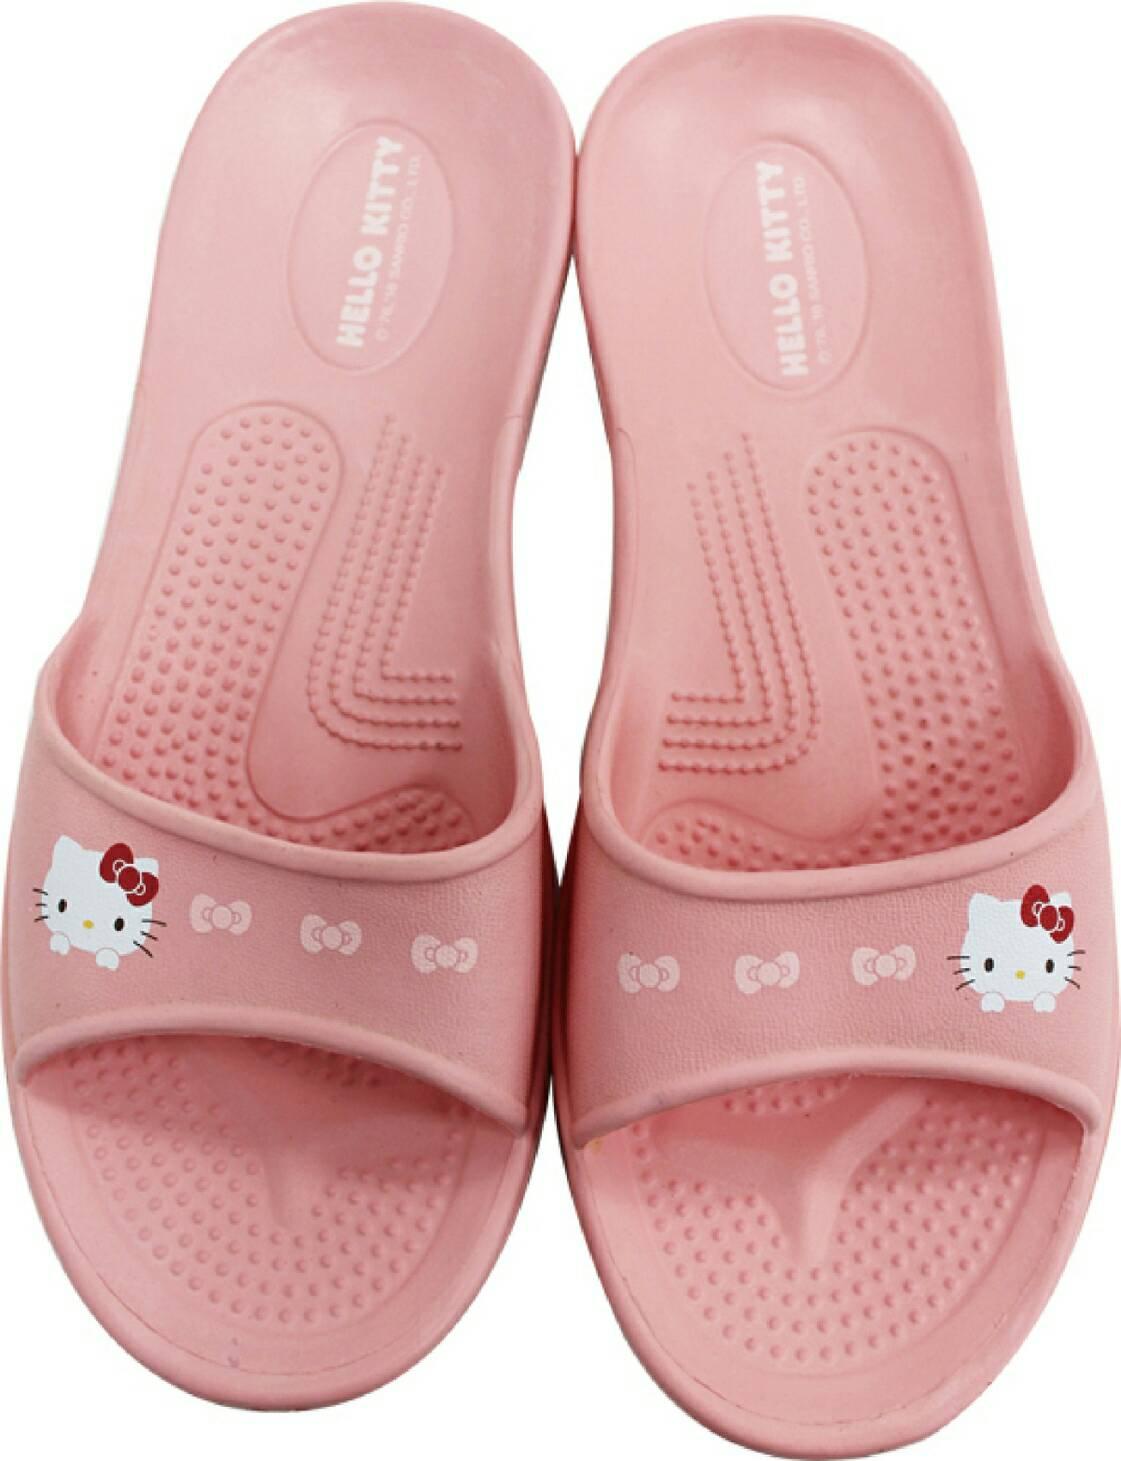 599免運~粉色HELLO KITTY拖鞋尺寸36.38.40 台灣製造超輕防水防滑拖鞋室內外拖鞋 浴室拖鞋